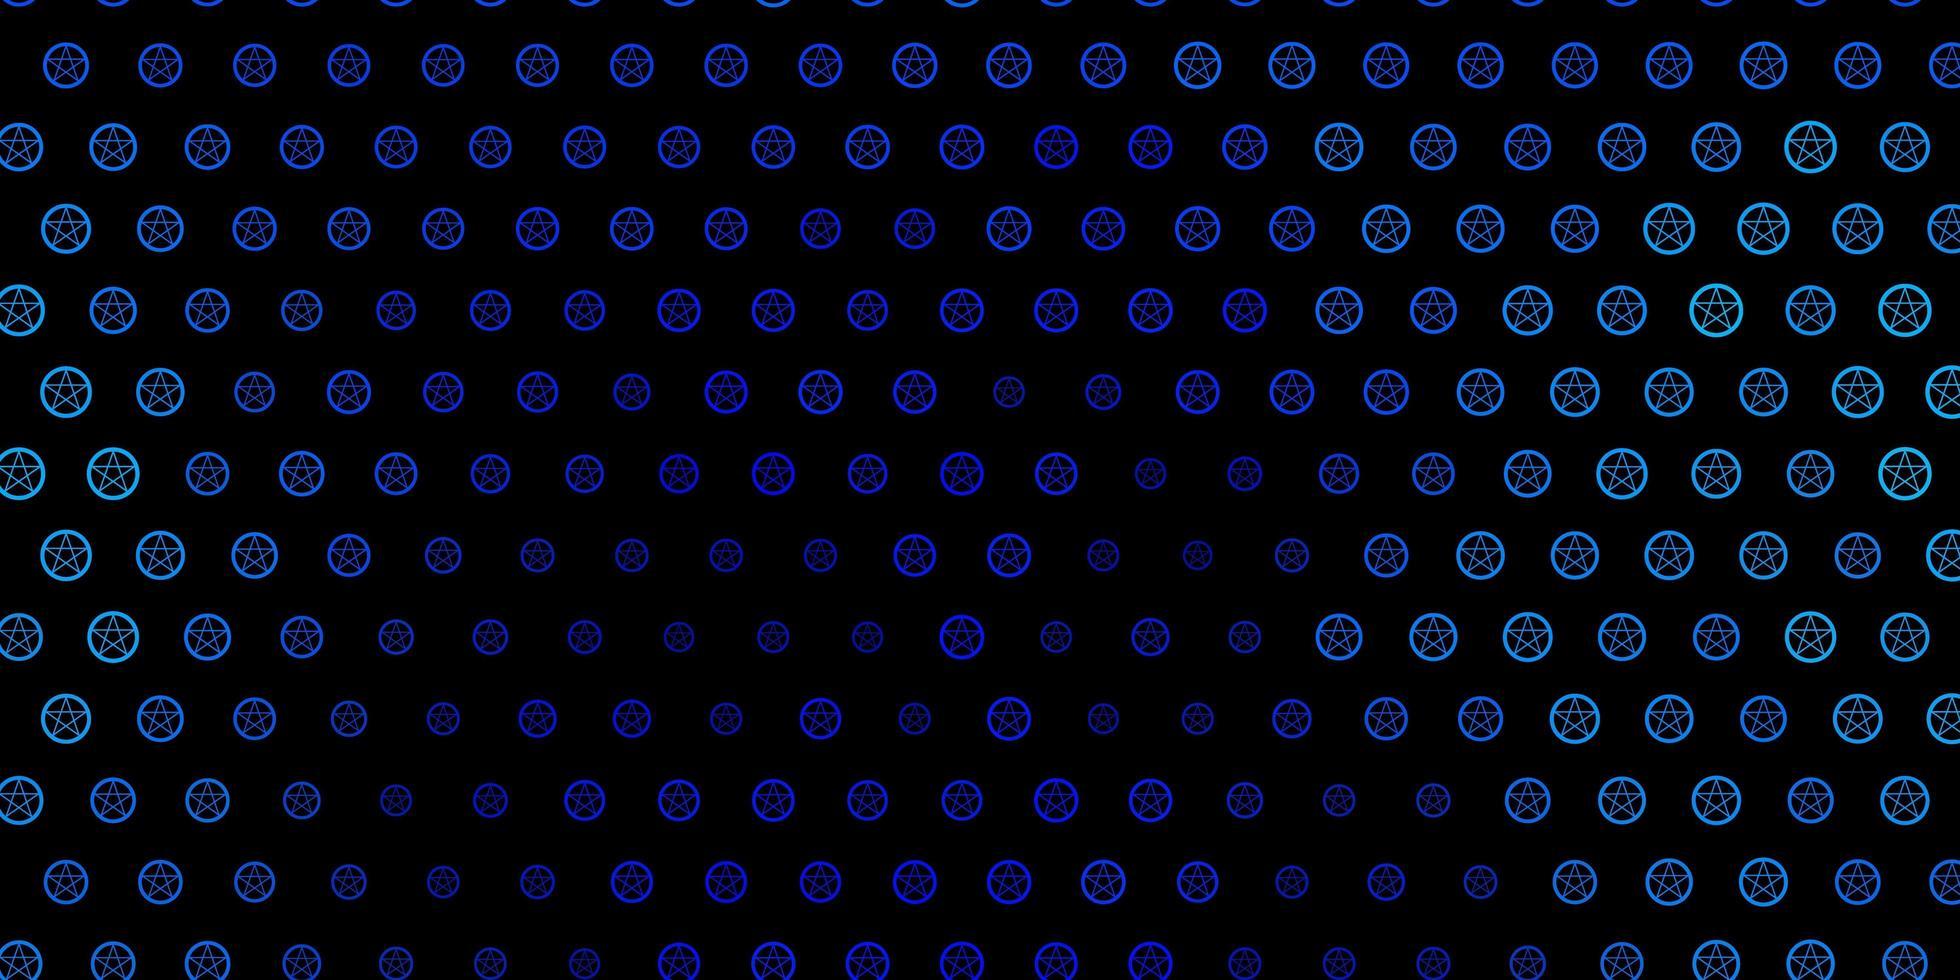 modello vettoriale blu scuro con segni esoterici.